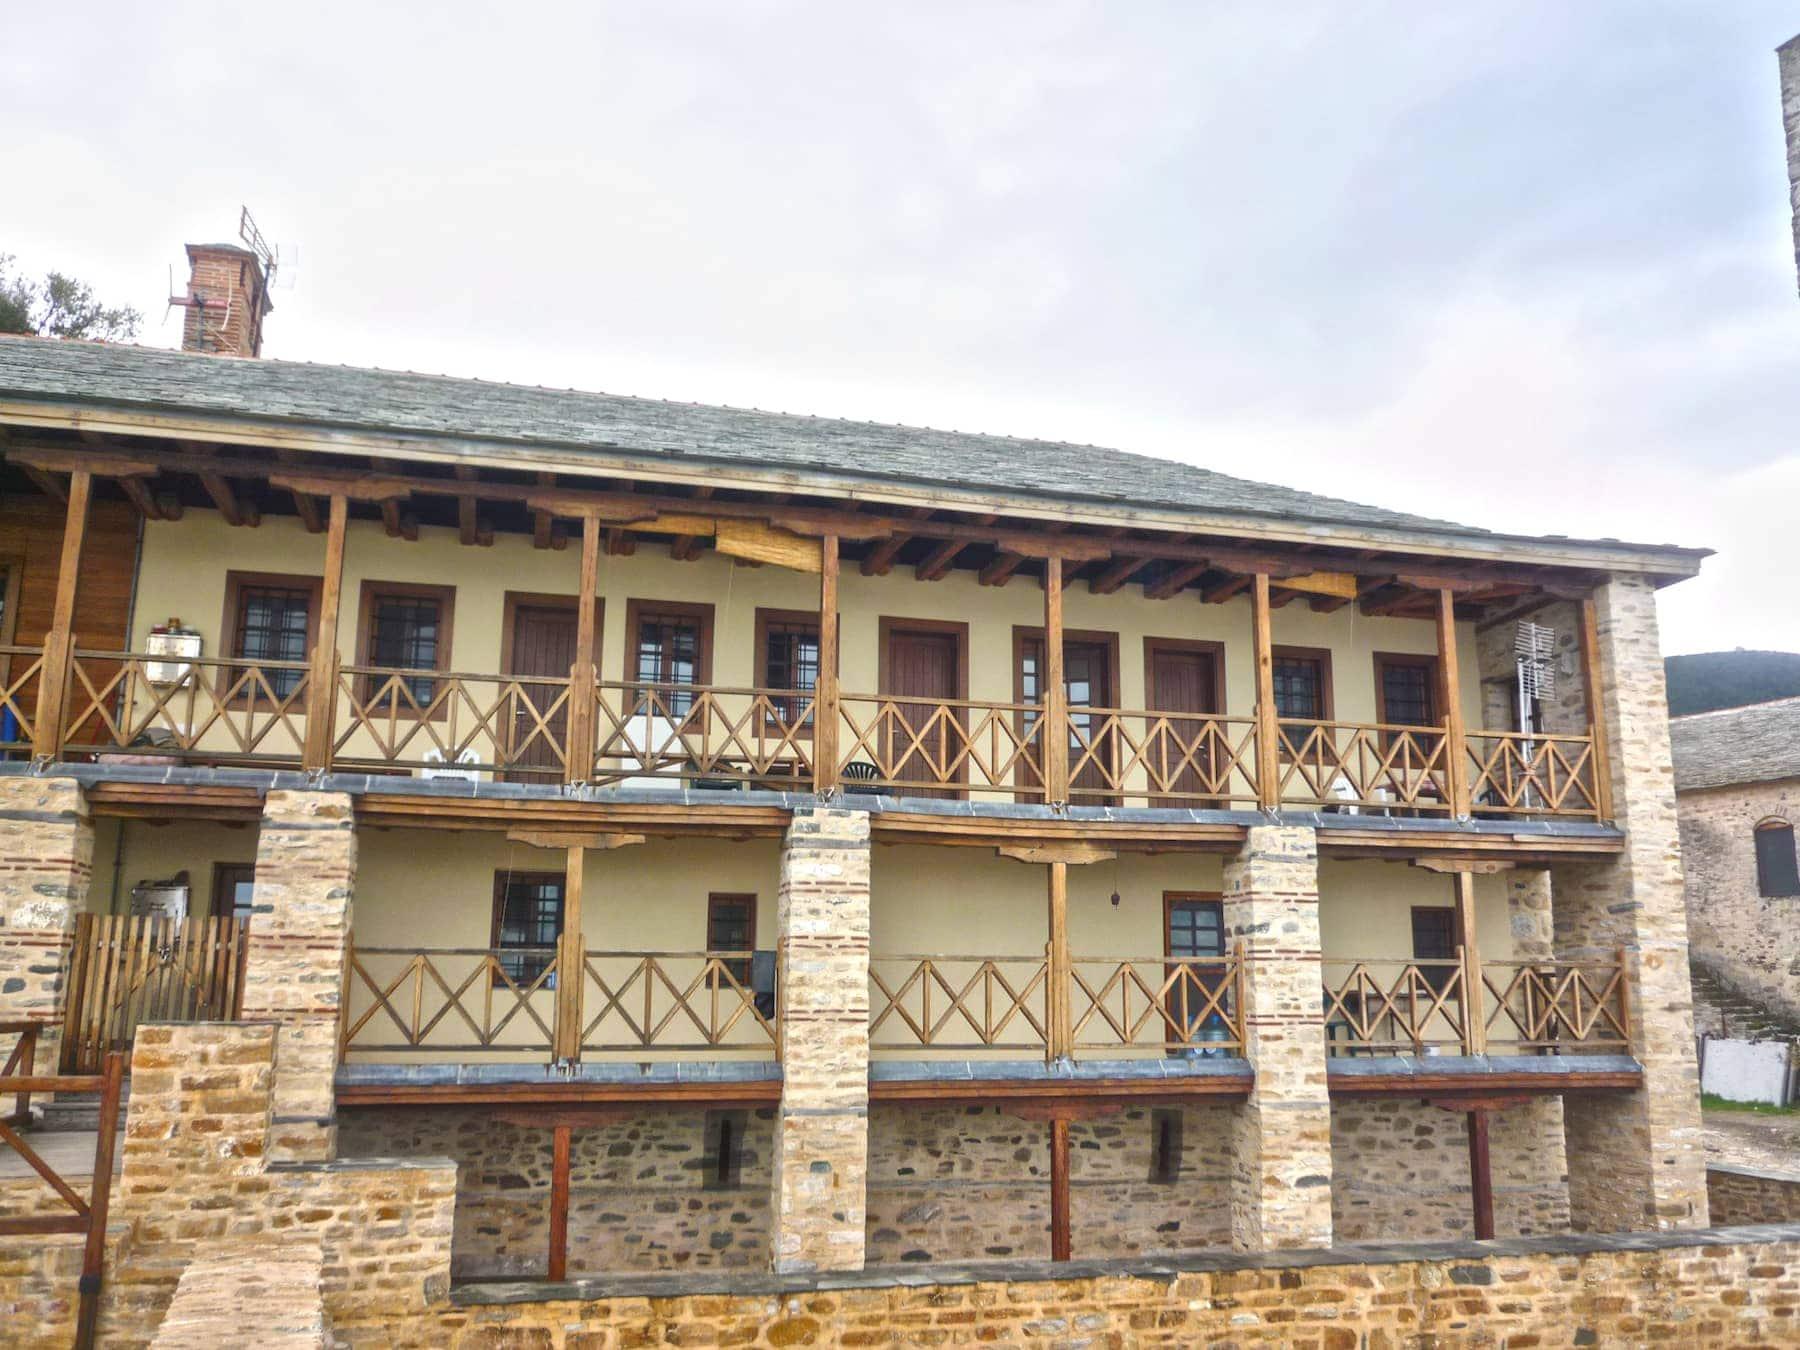 όψη παραθαλάσσιου συγκροτήματος Ιεράς Μονής στο Άγιον Όρος με ξύλινα κάγκελα παράθυρα και πόρτες